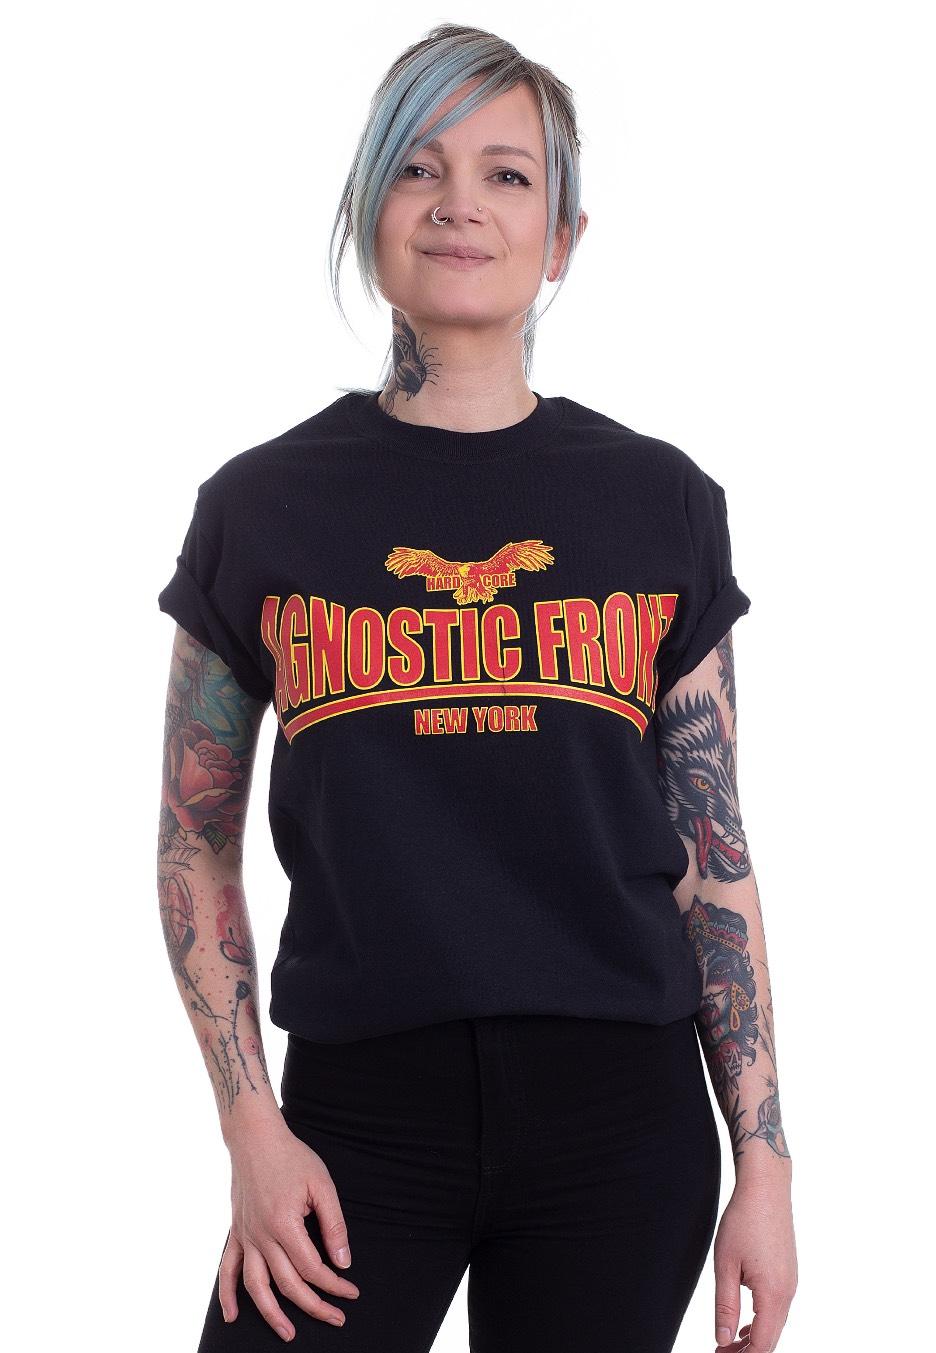 a5007ec2f6ce7 Agnostic Front - Logo - T-Shirt - Official Hardcore Merchandise Shop -  Impericon.com UK